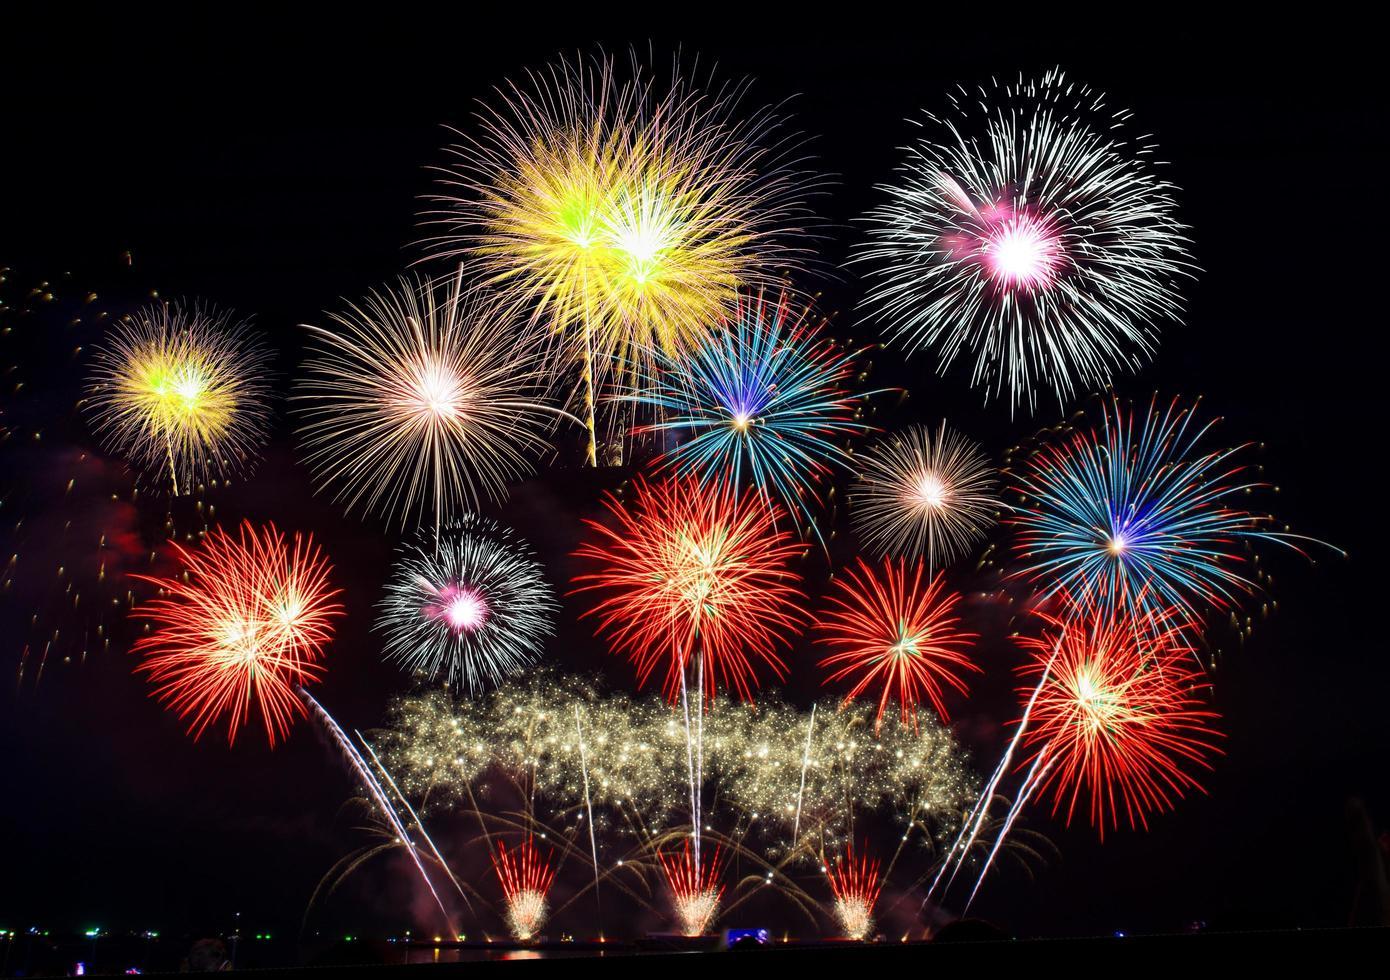 colorido espectáculo de fuegos artificiales foto